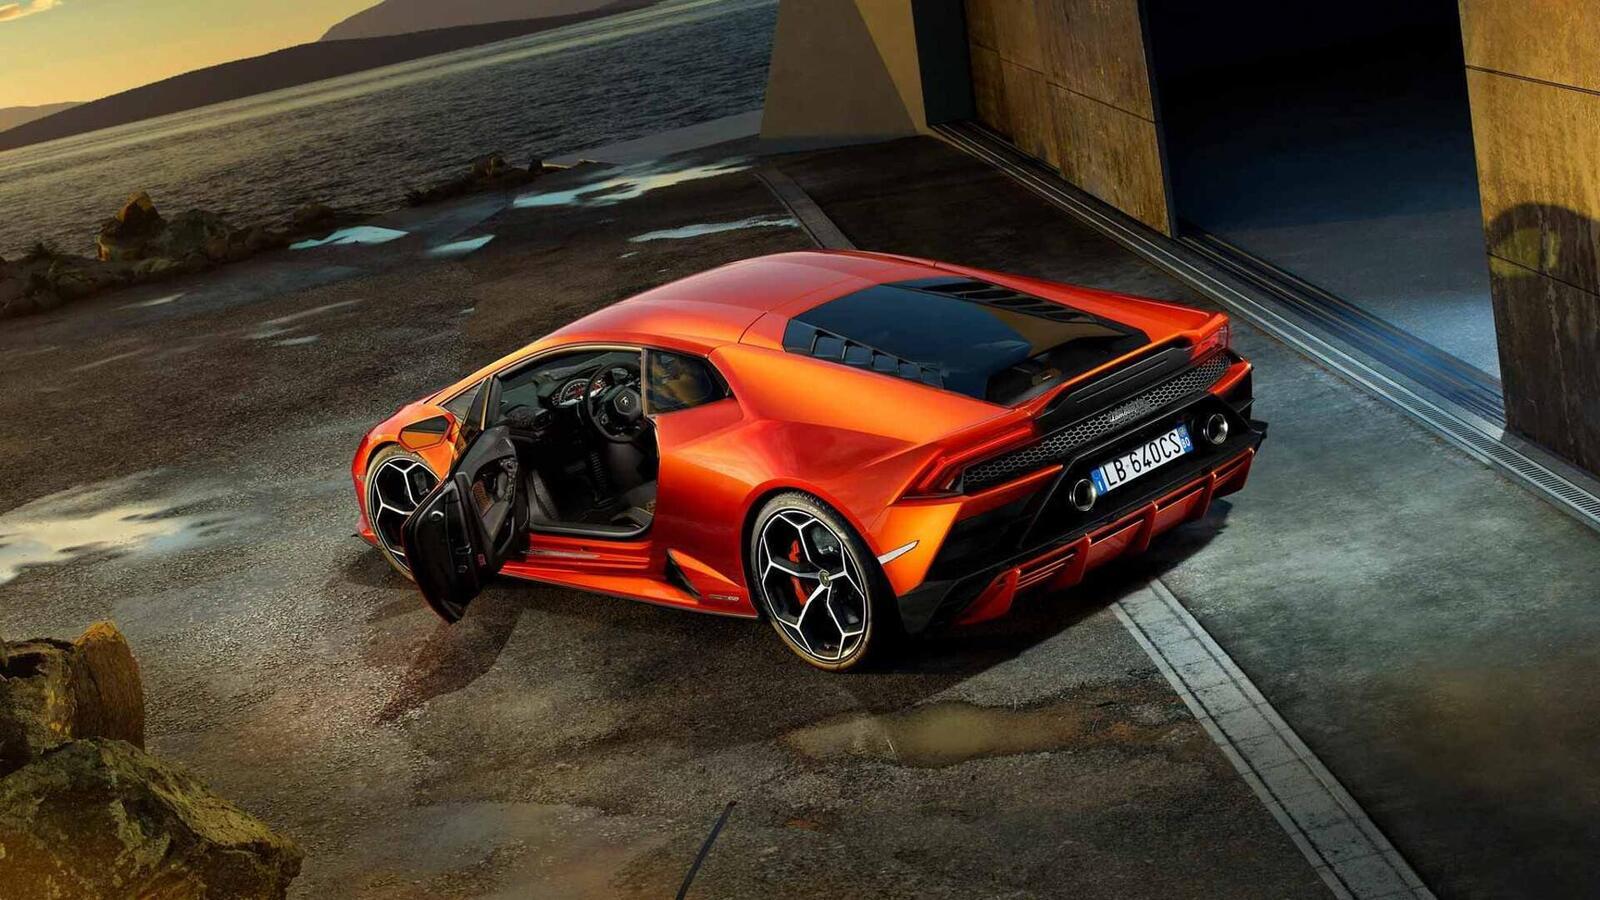 Lamborghini giới thiệu Huracan EVO mới với sức mạnh 640 mã lực - Hình 12